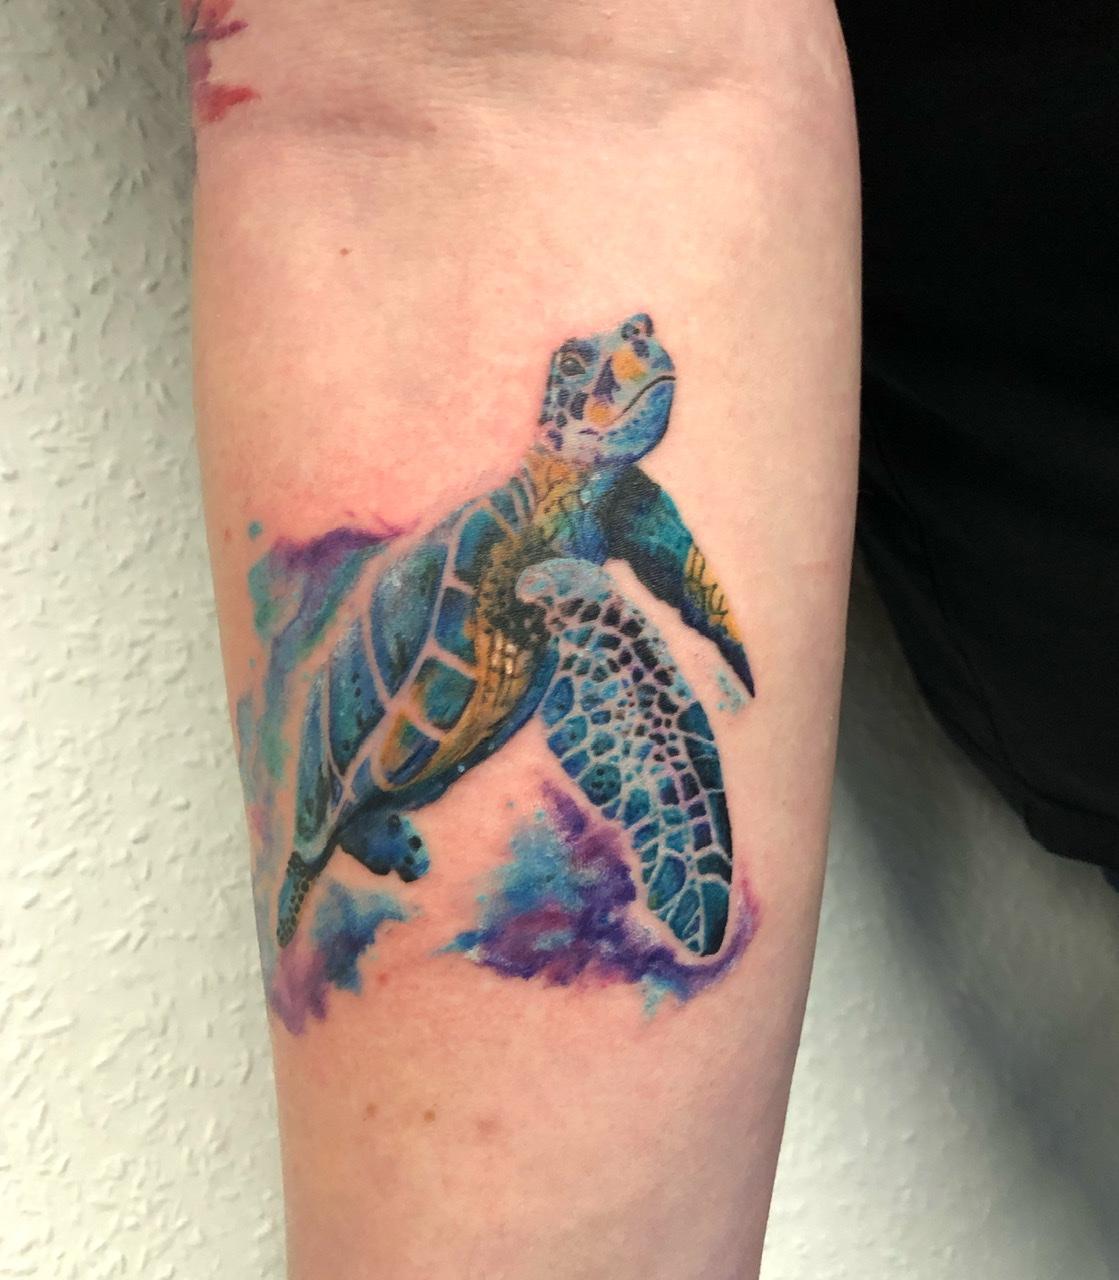 The 1998 Tattoo Hamminkeln